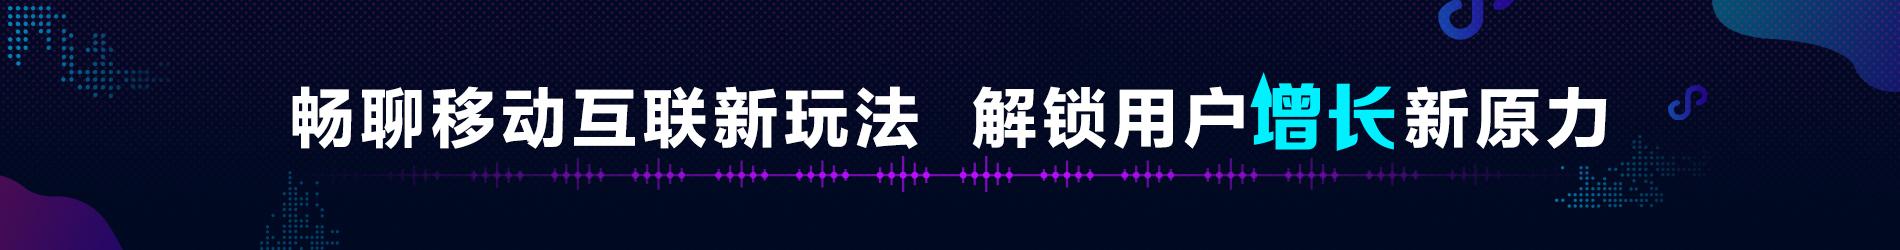 2017秋拍启幕 精彩呈现